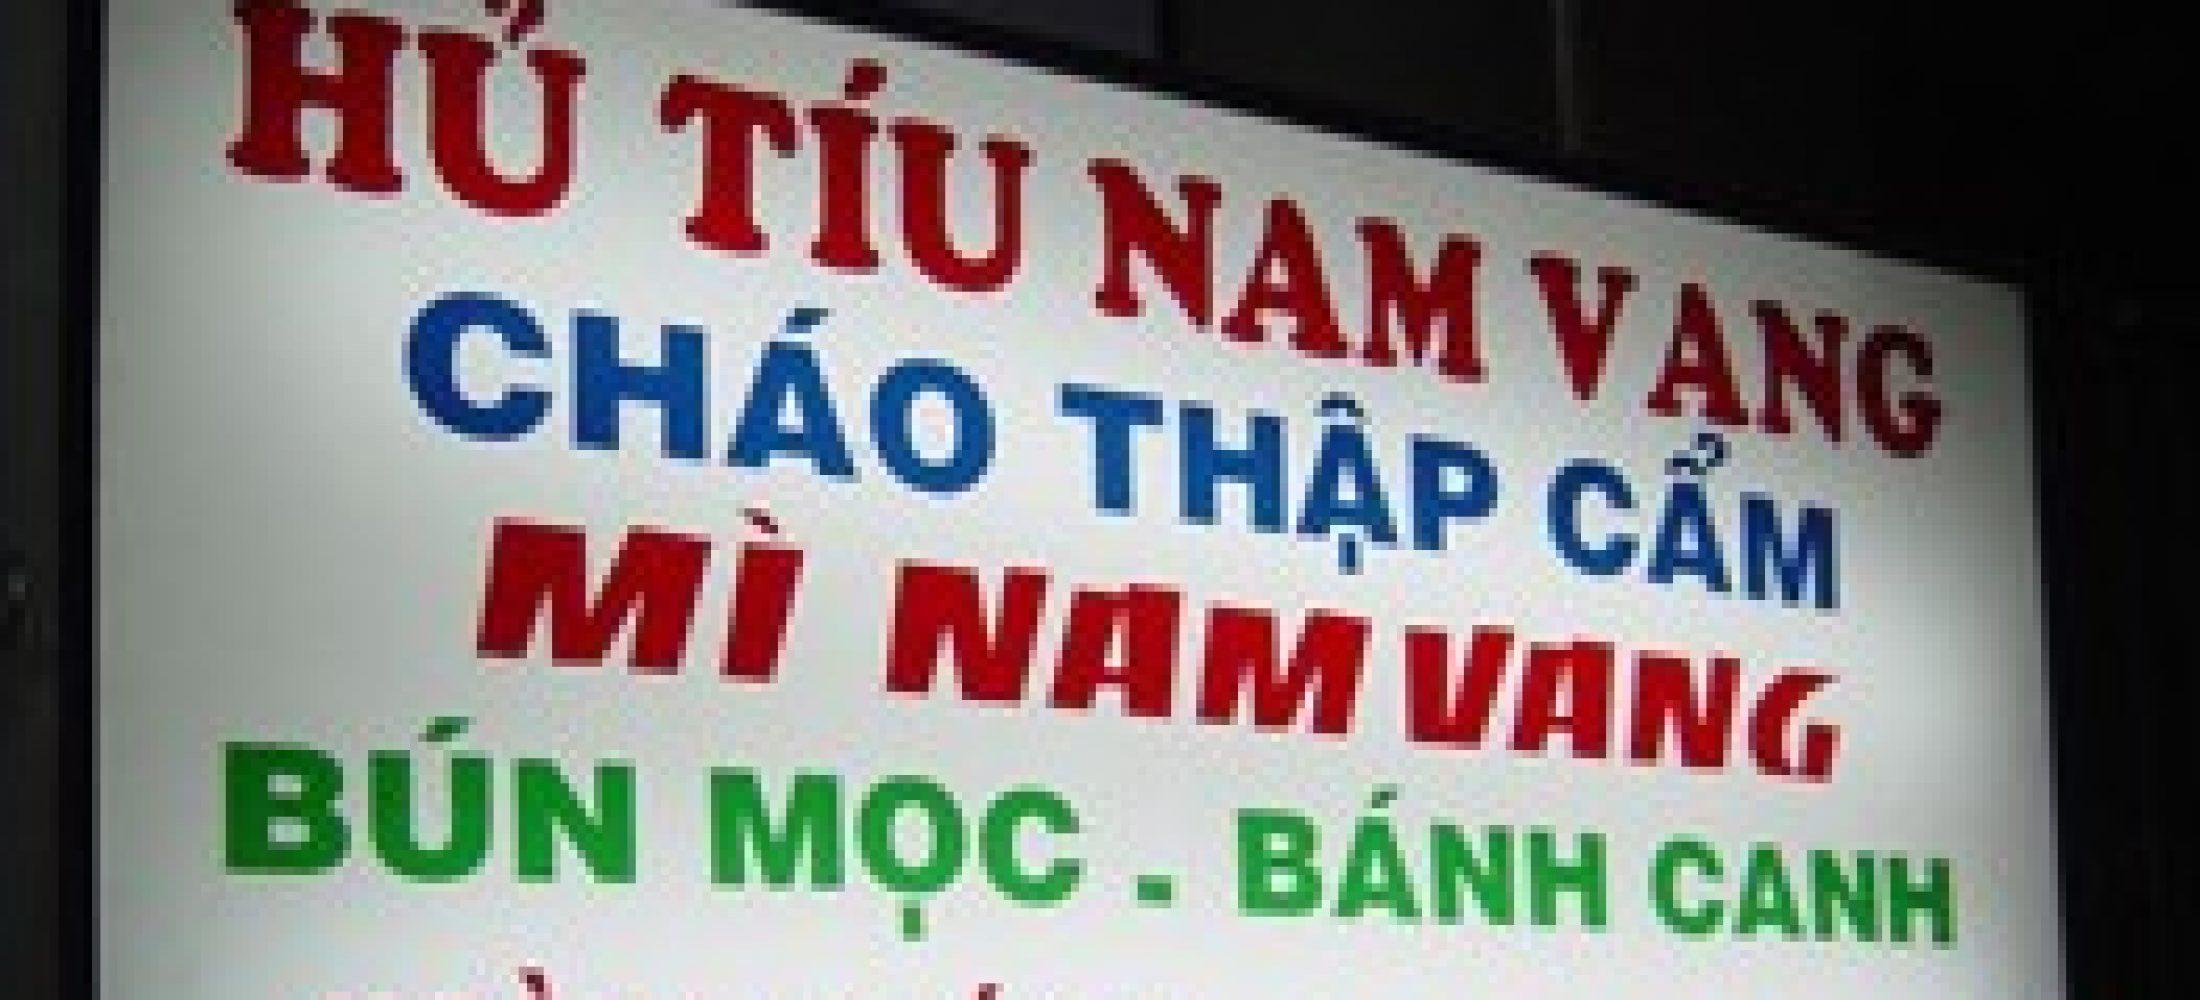 Viettnames sign